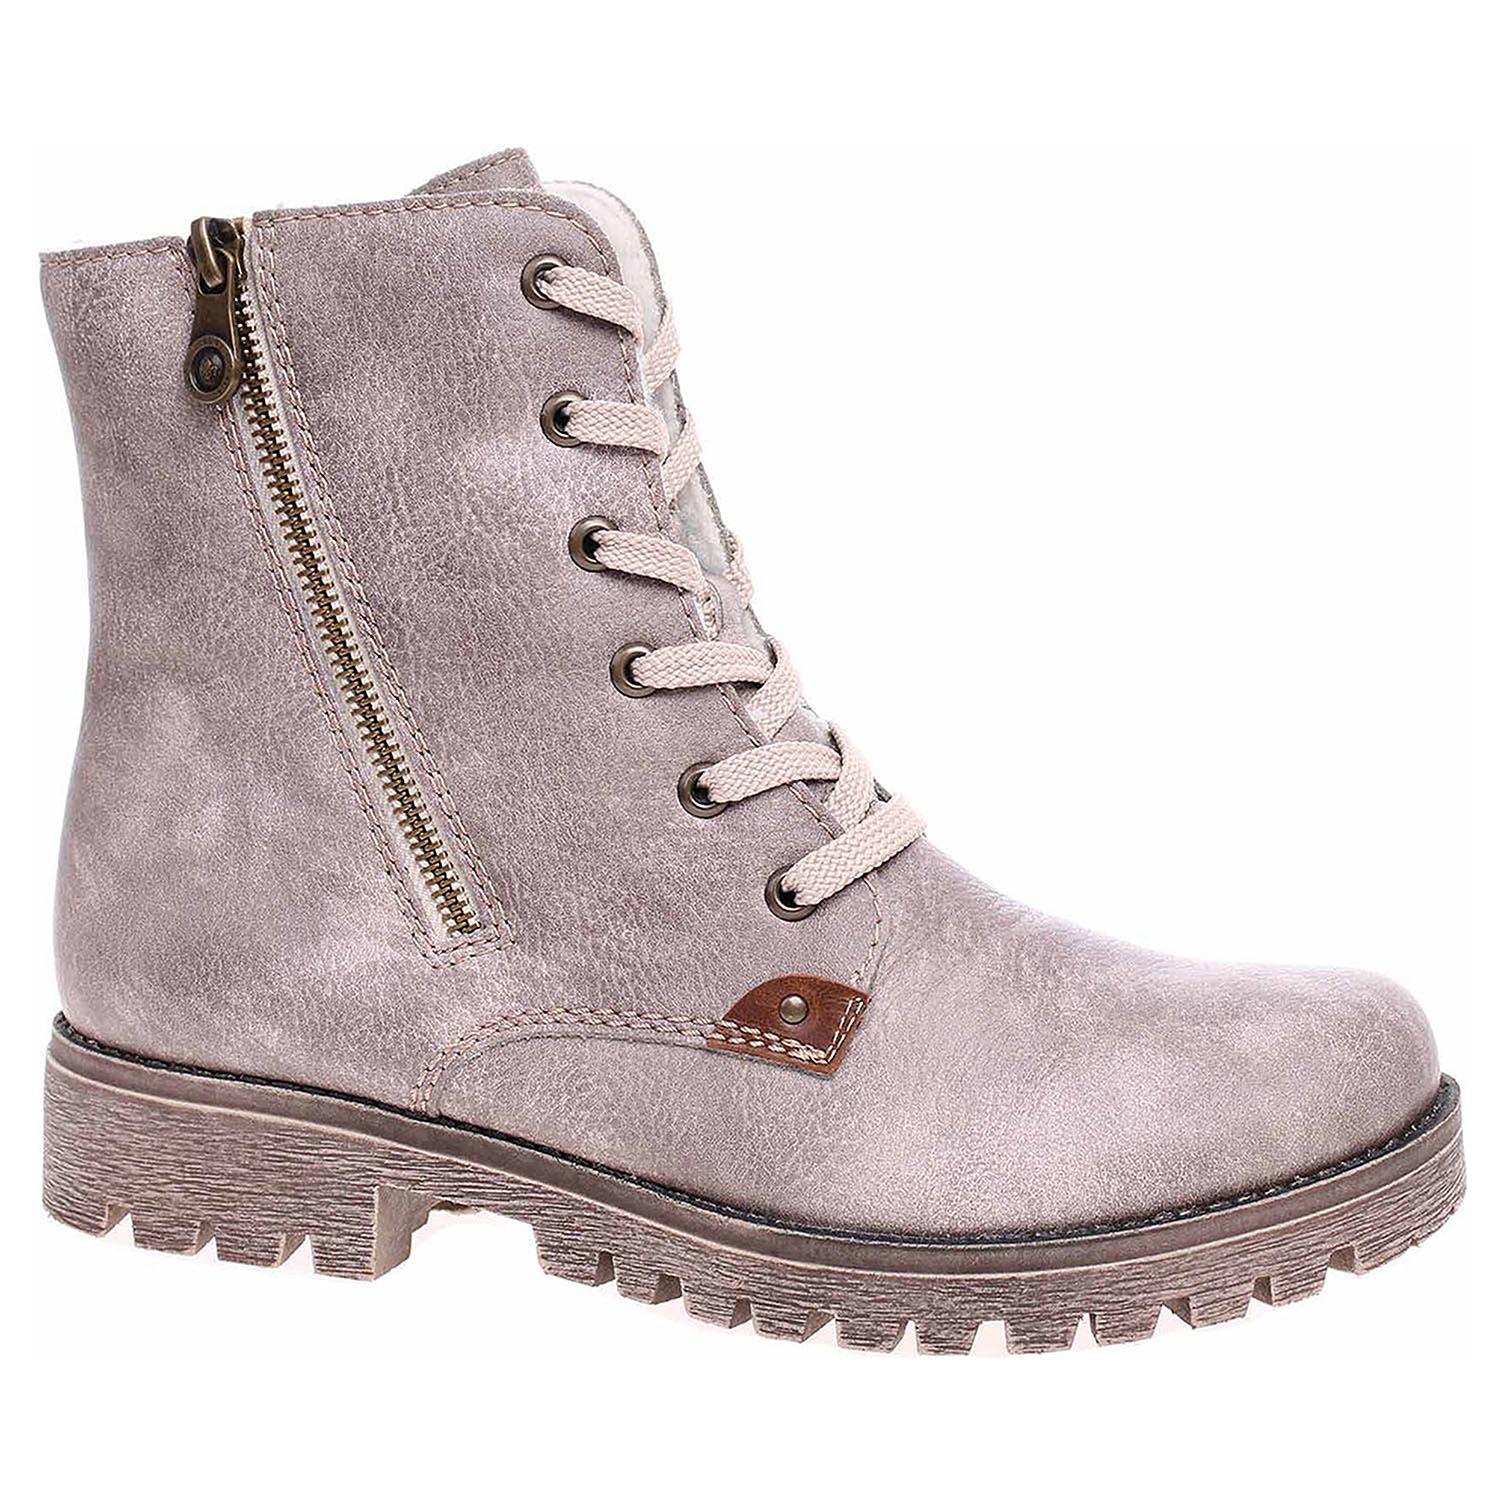 Dámská kotníková obuv Rieker 78539-42 grau 78539-42 37